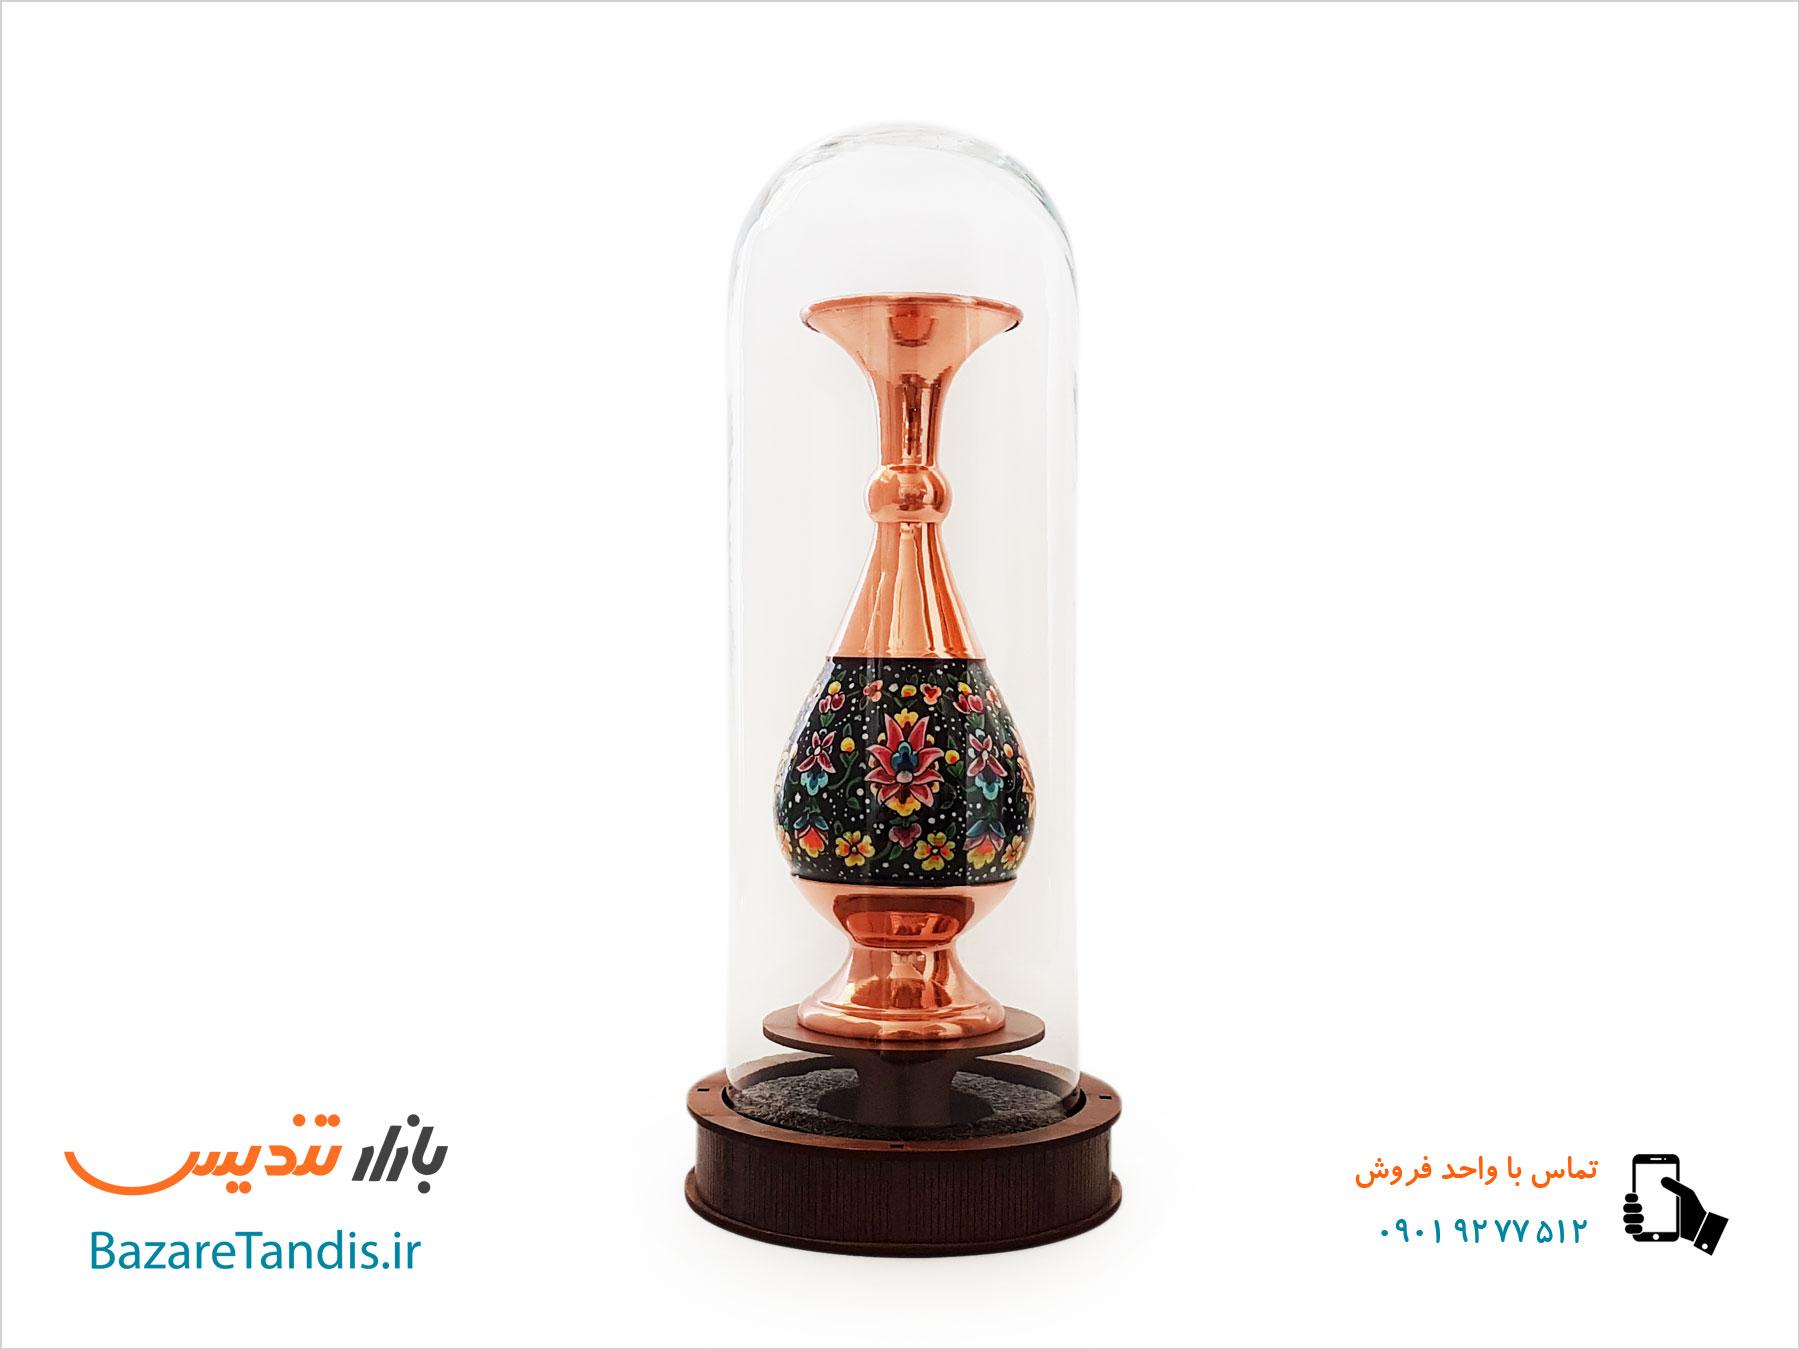 تندیس گلدان مس و پرداز با حباب شیشه ایی